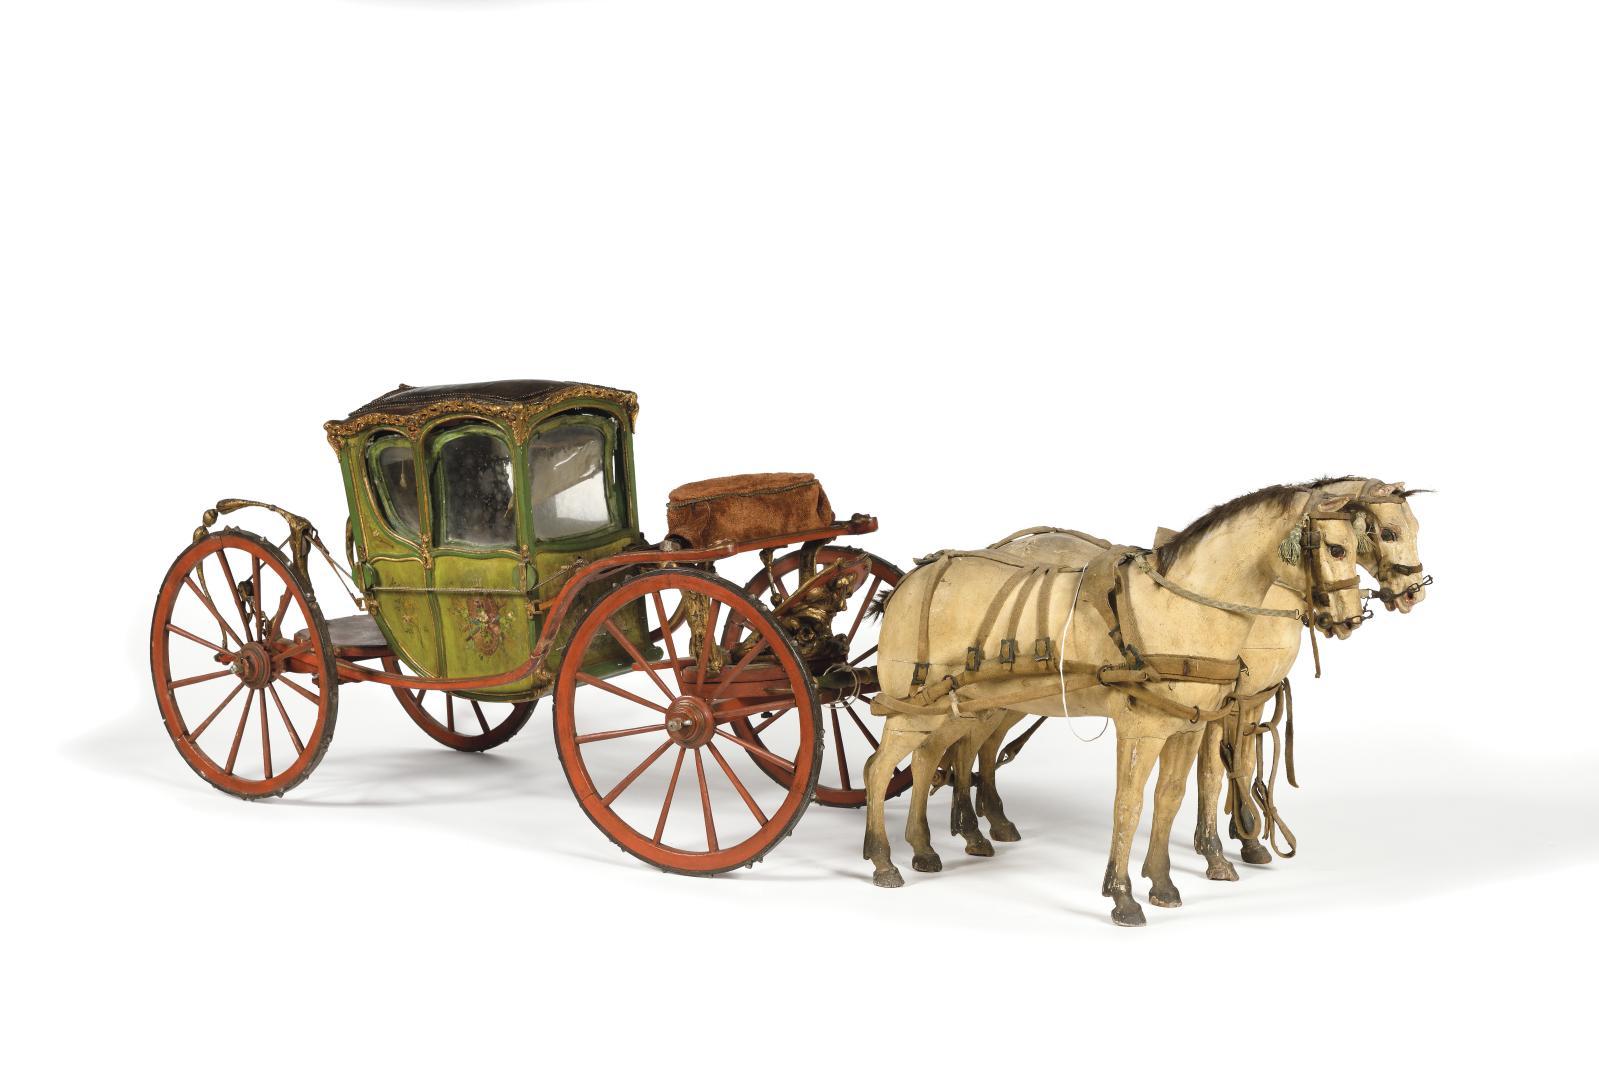 Premier tiers du XVIIIesiècle. Coupé, châssis en fer et bois peint, système de suspension par cordes à boyau relié au châssis par des col